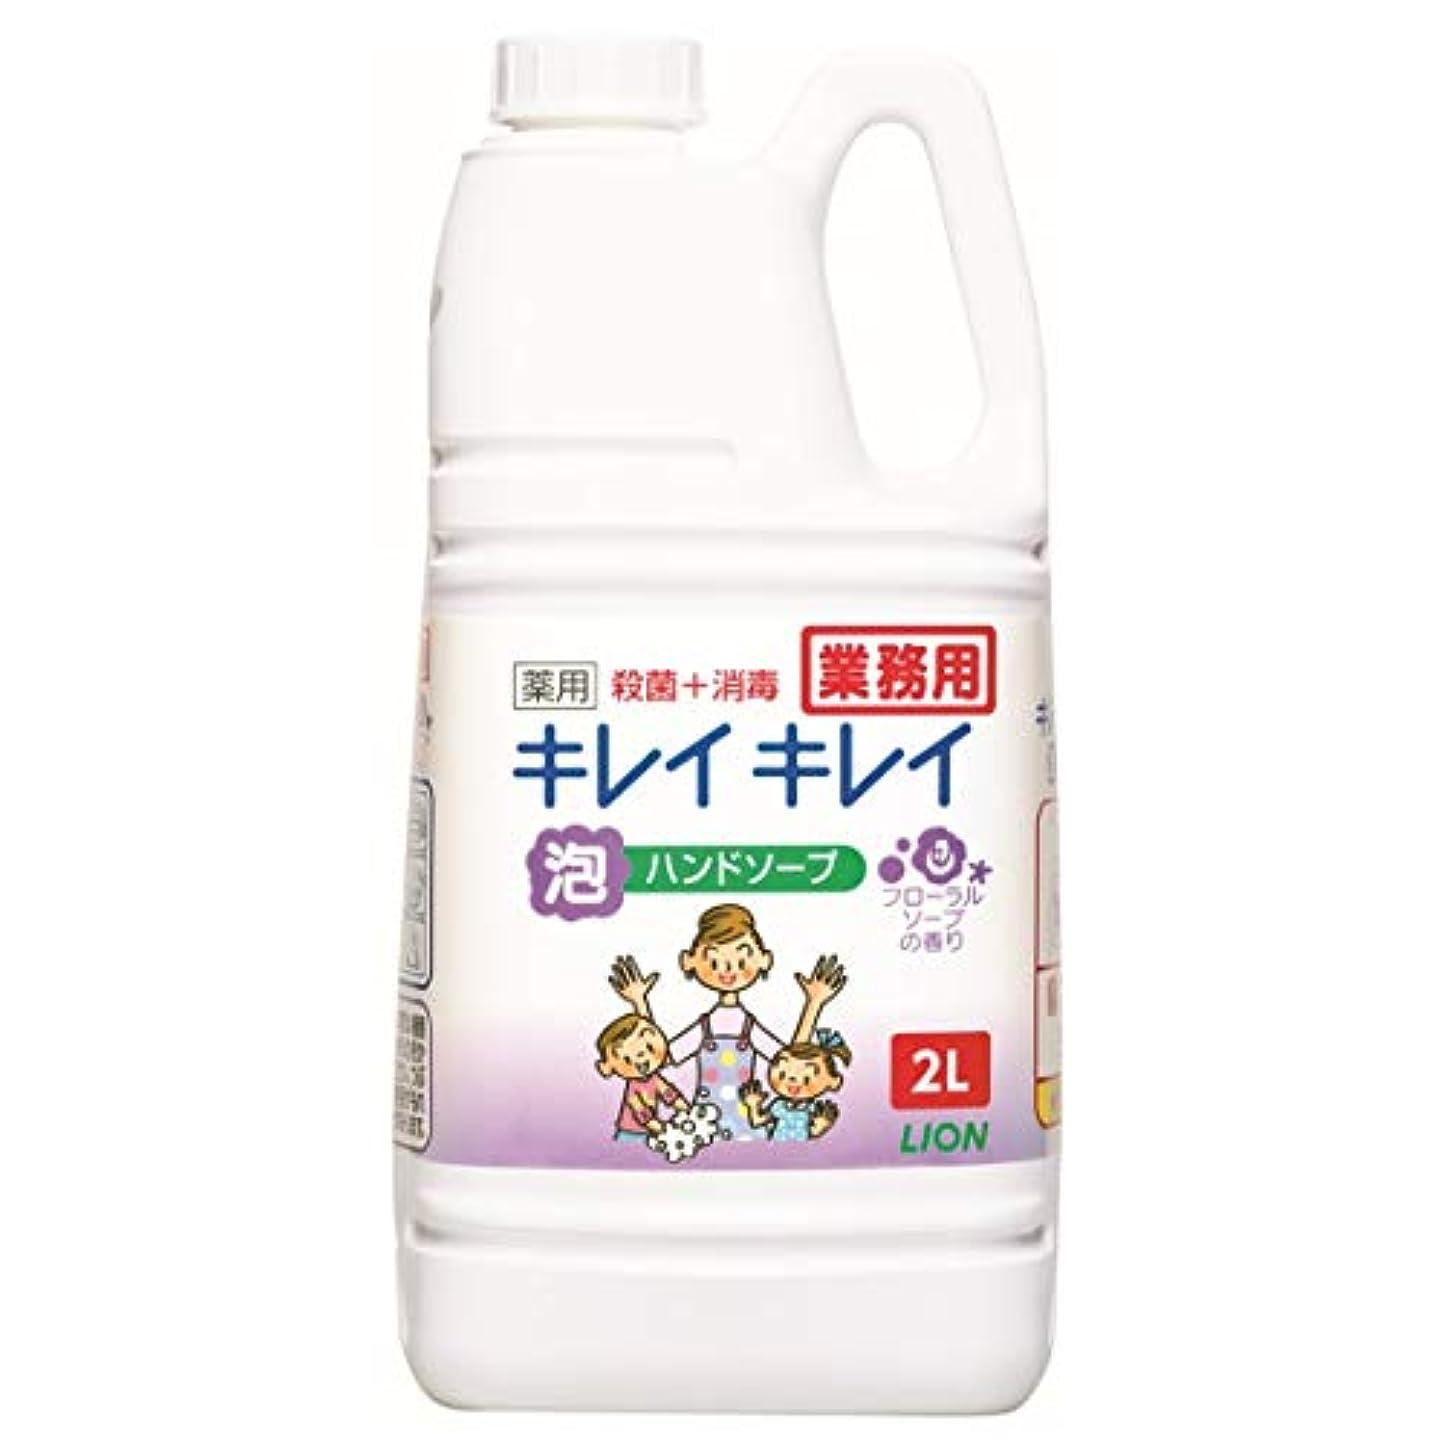 動物園ディスパッチコンテンツ【大容量】キレイキレイ 薬用泡ハンドソープ フローラルソープの香り 2L